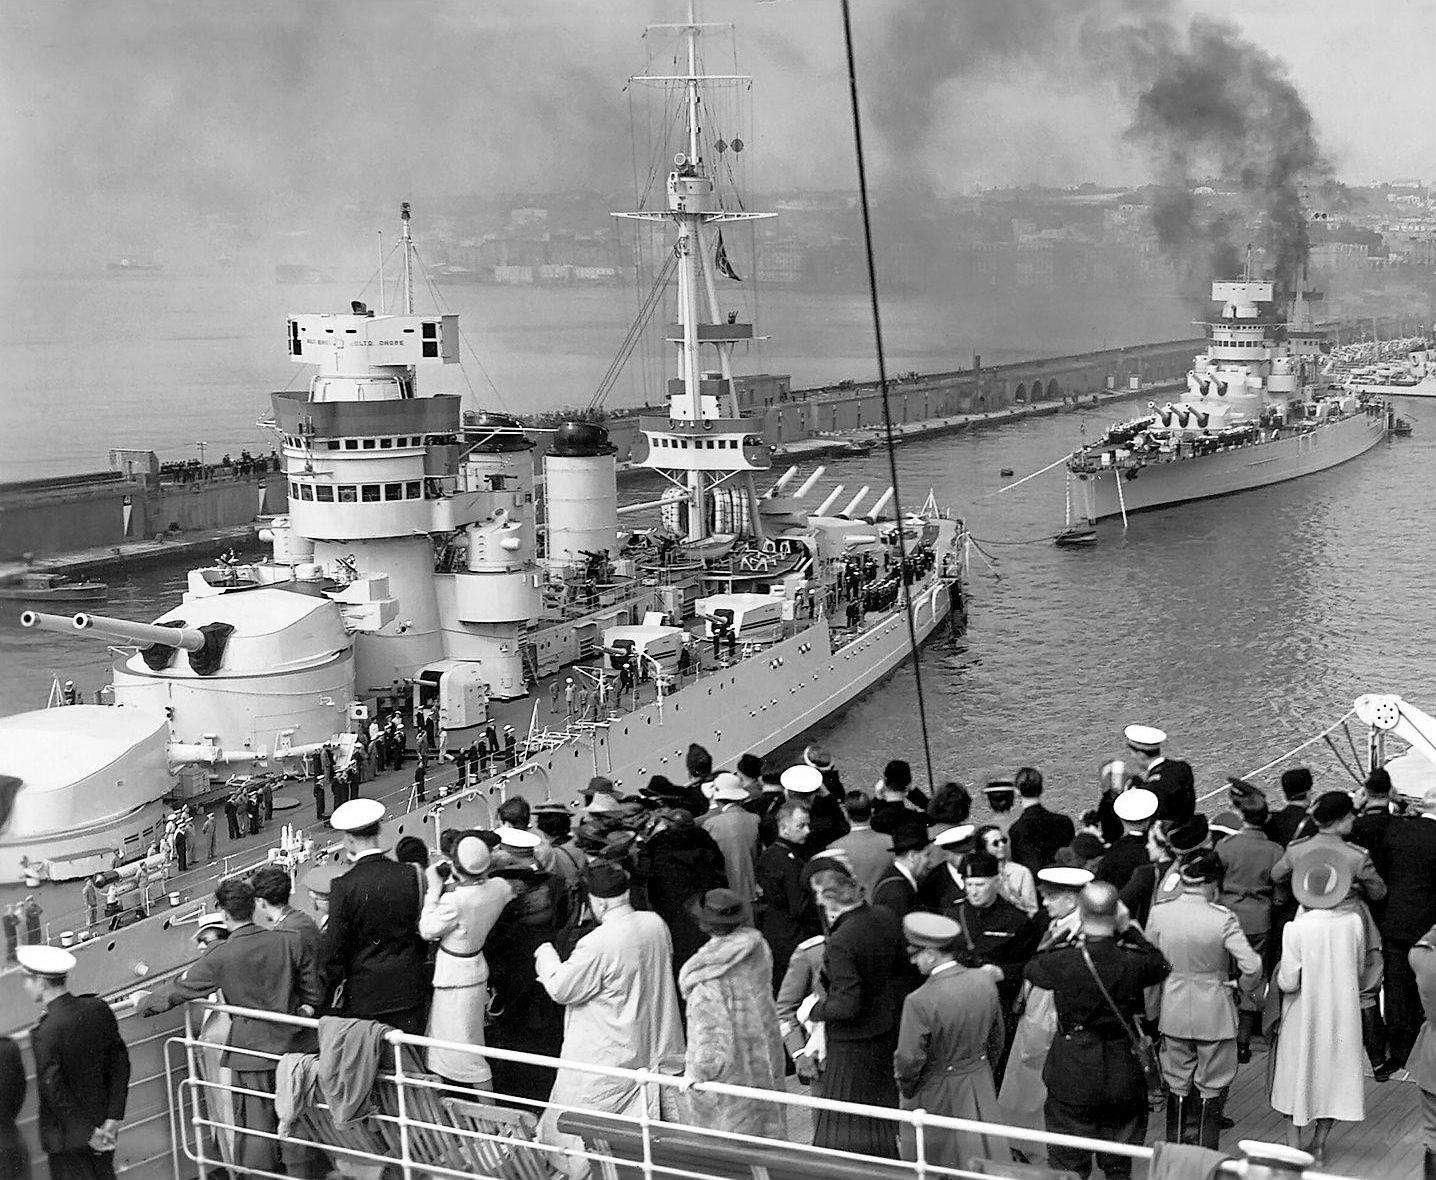 история в фотографиях | Корабль, Военно-морской флот ...